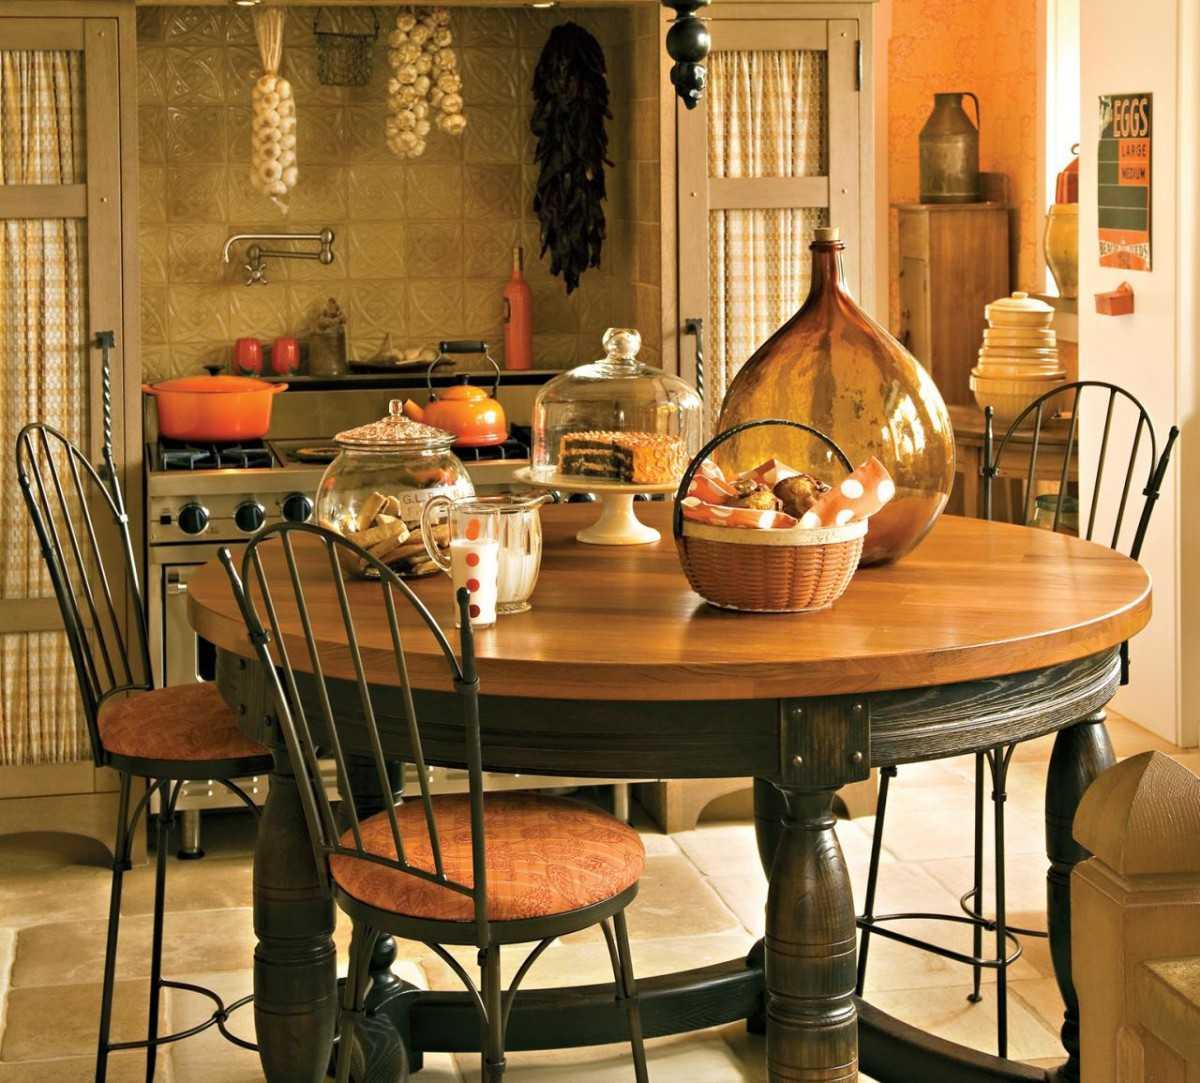 Обеденный стол: где разместить стол и как правильно выбрать форму? (50 фото)